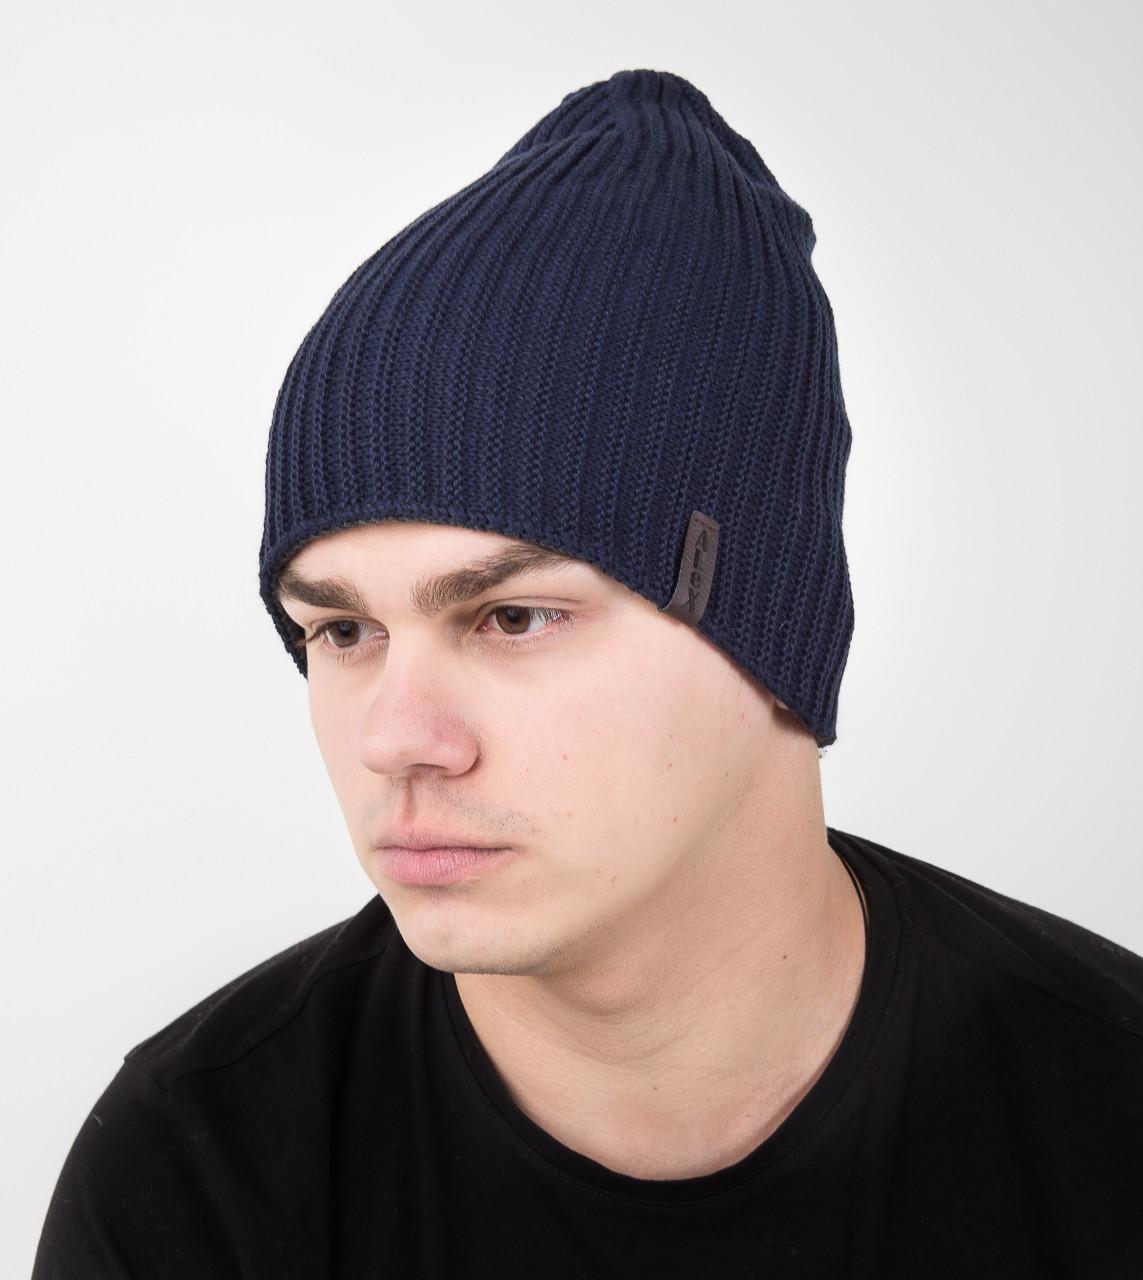 Зимняя вязаная мужская шапка удлиненного кроя на 2 стороны - Арт AL17027